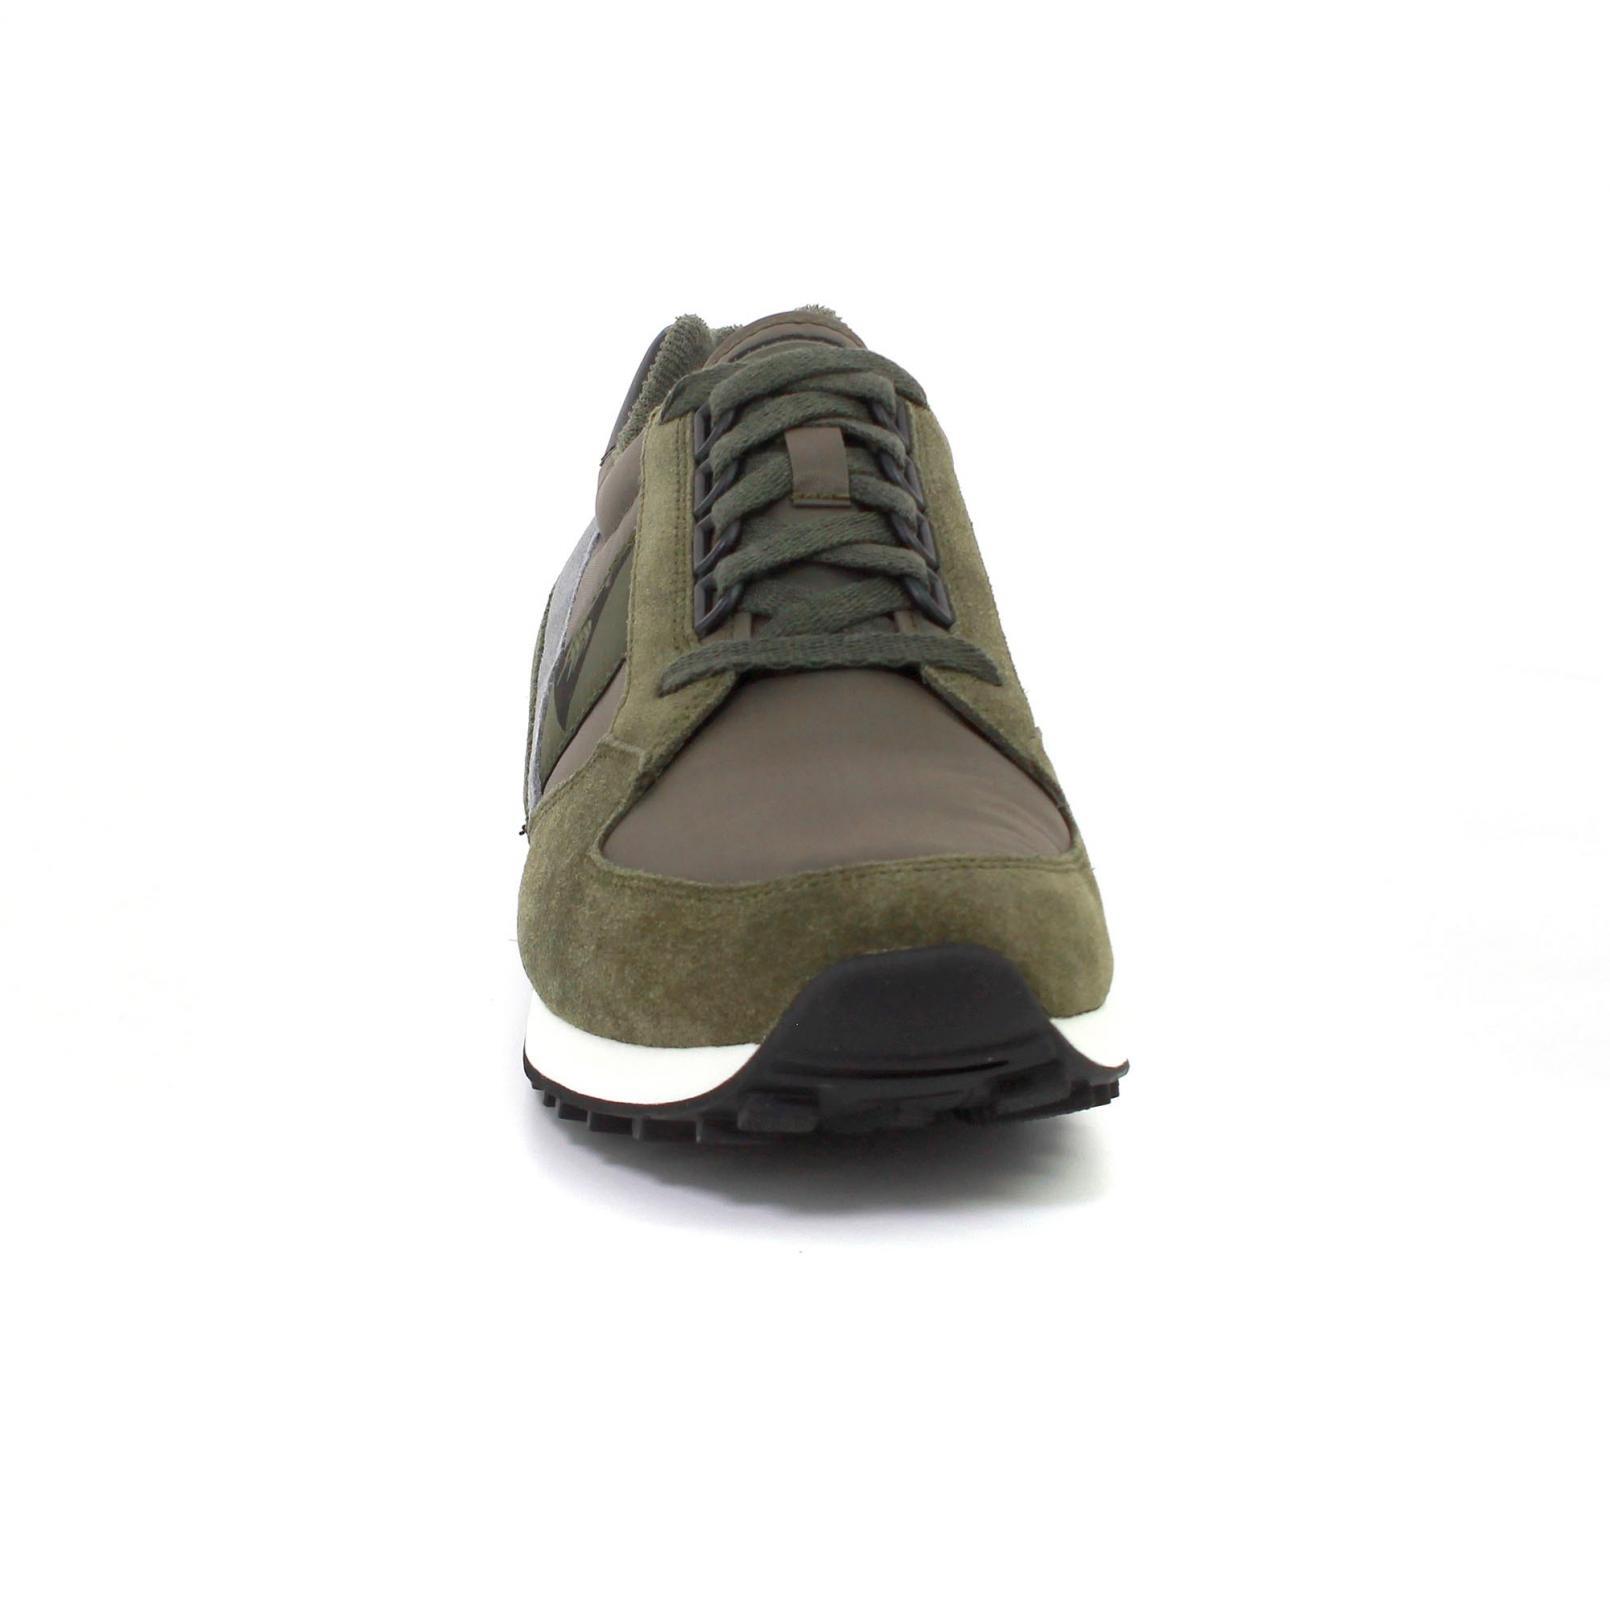 Shoes – Le Coq Sportif Eclat Nylon Green